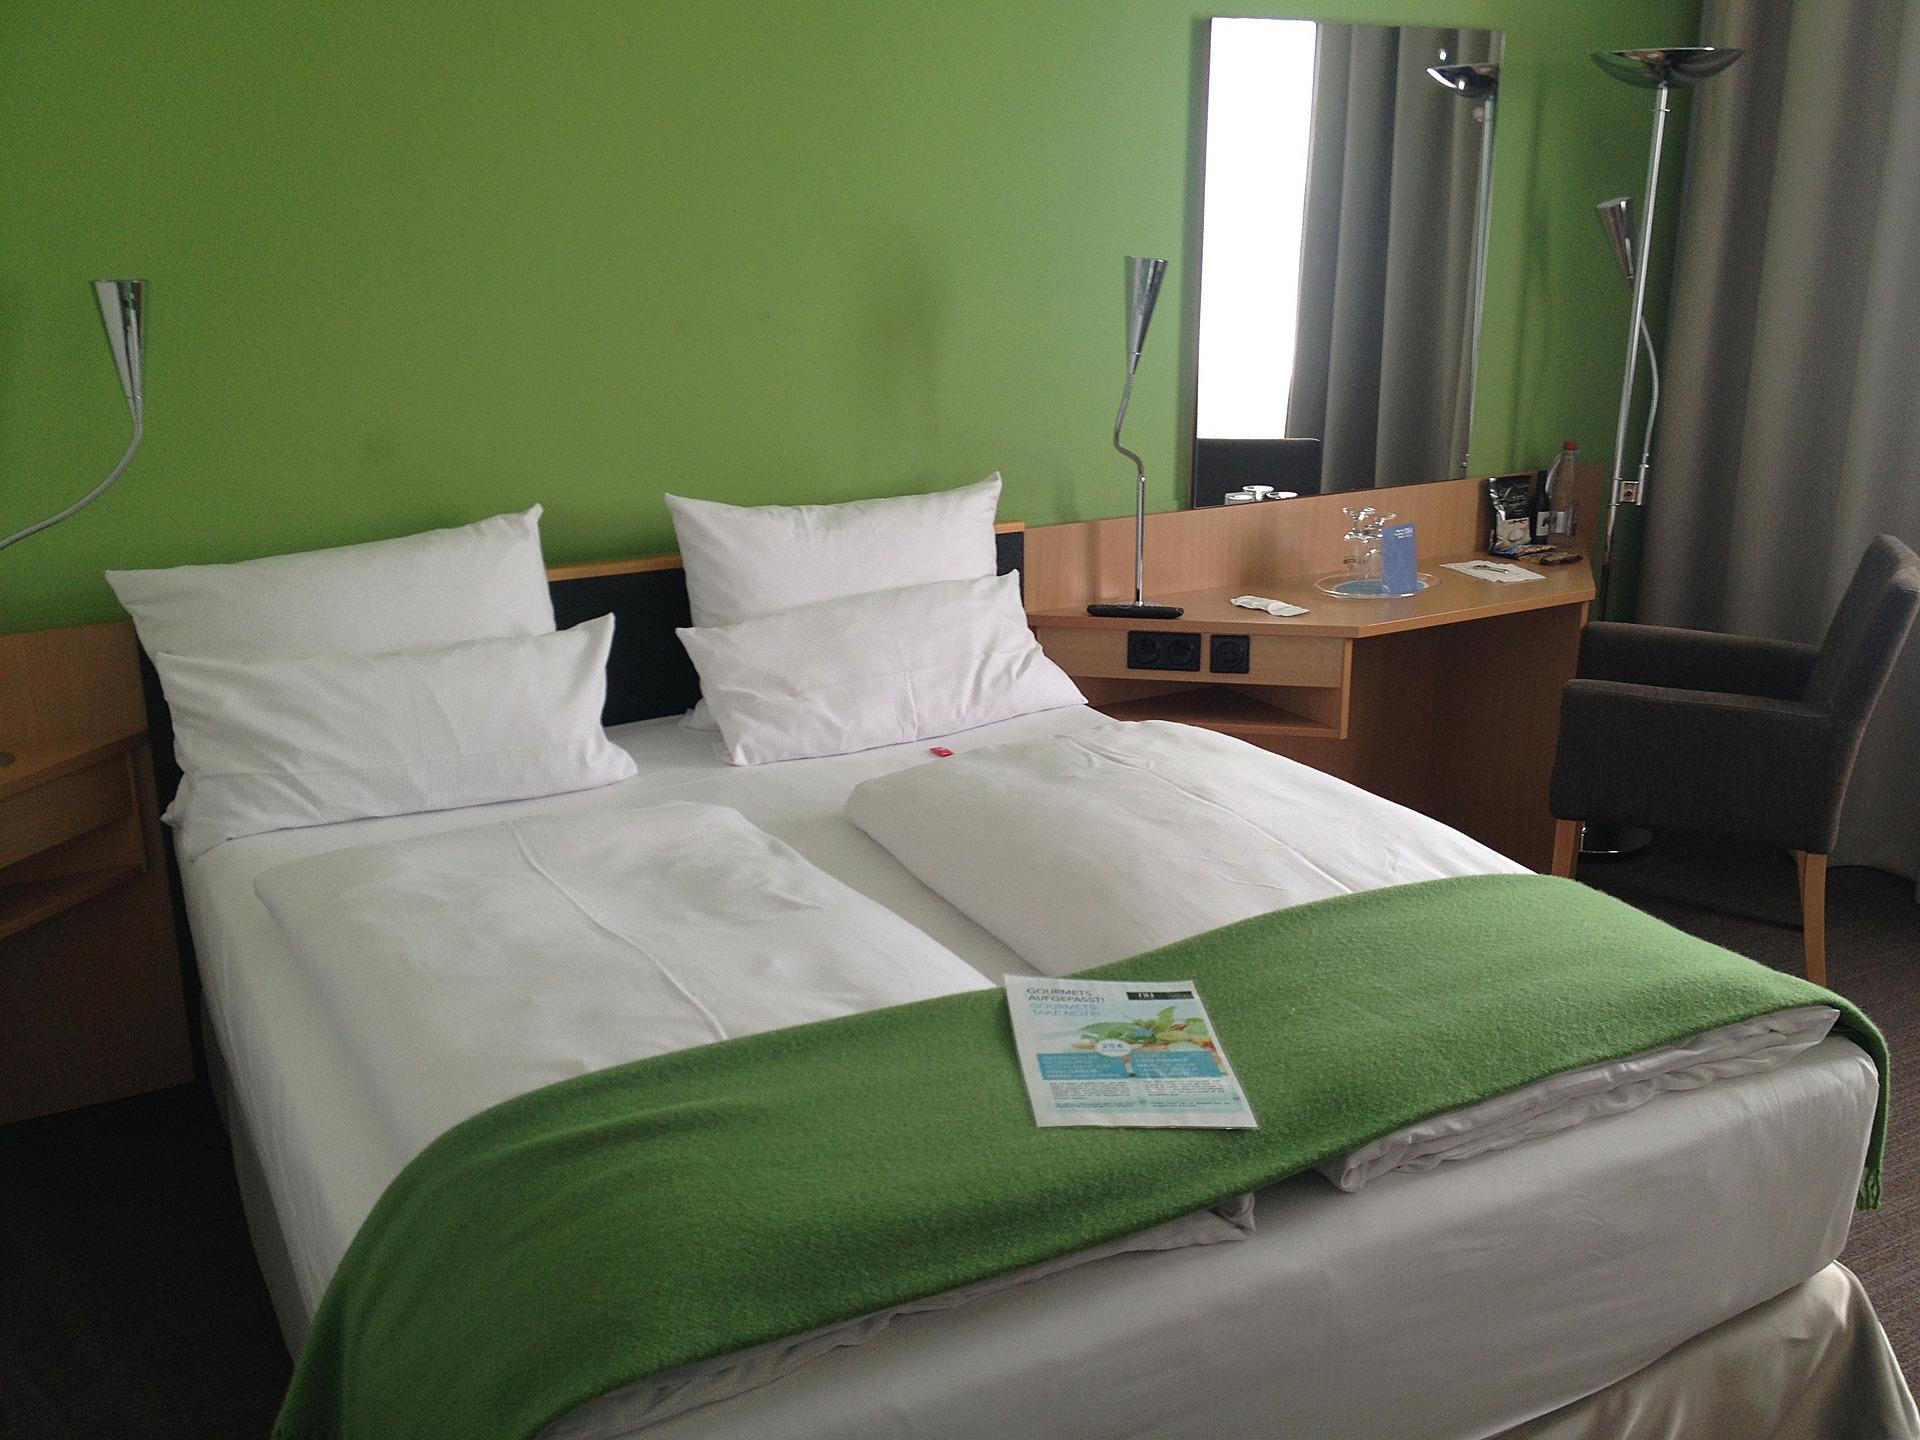 Les conseils pour avoir un lit aussi confortable qu 39 l 39 h tel - Mettre une couette facilement ...